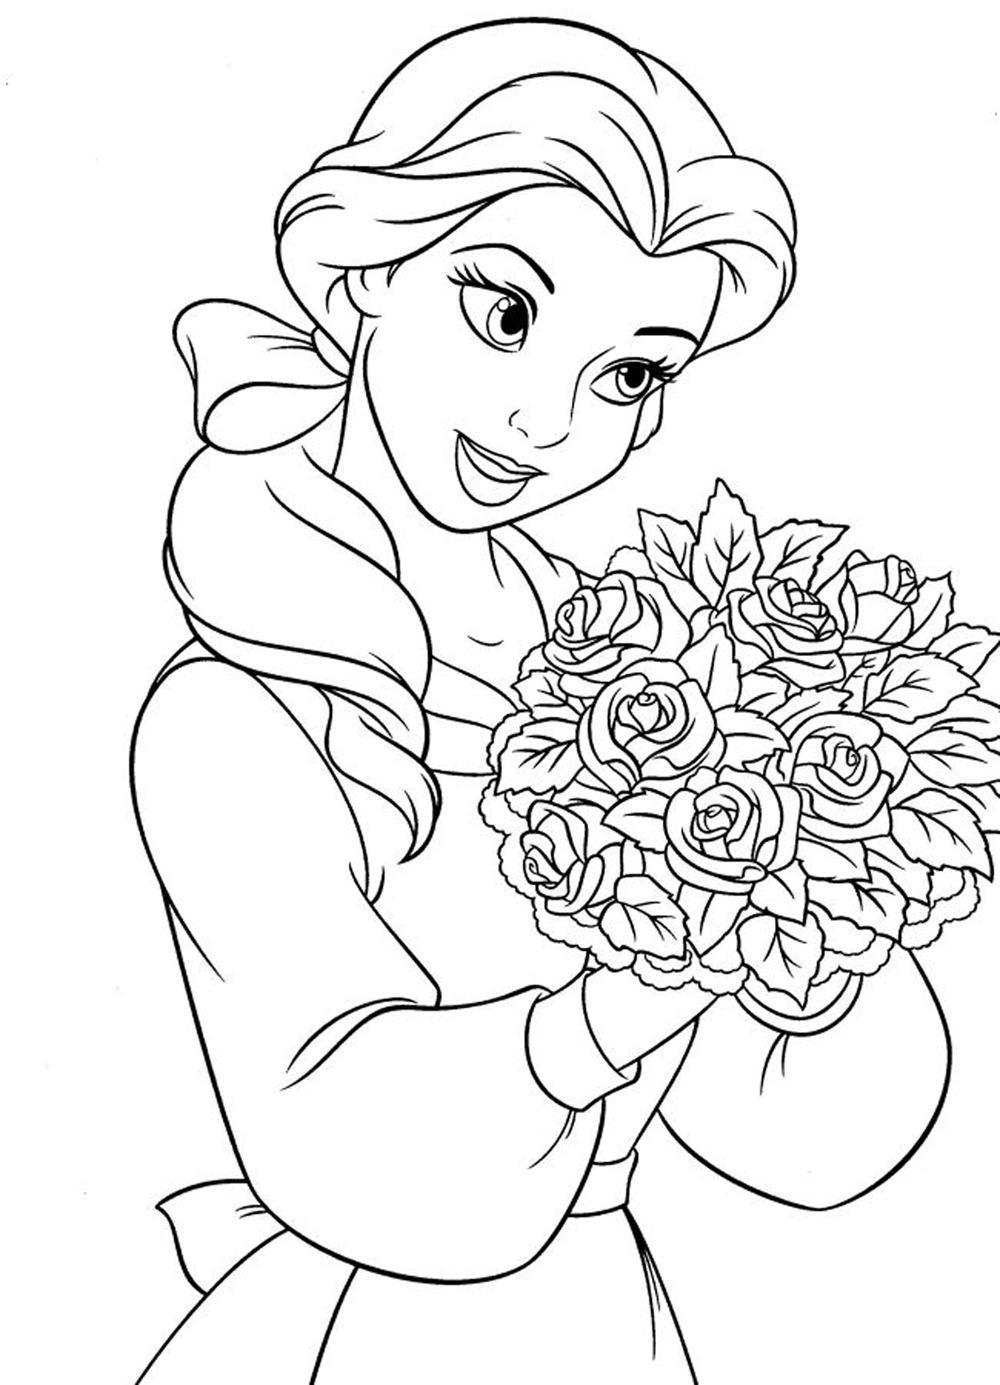 Dessins Gratuits À Colorier - Coloriage Disney À Imprimer à Coloriage A Imprimer Disney